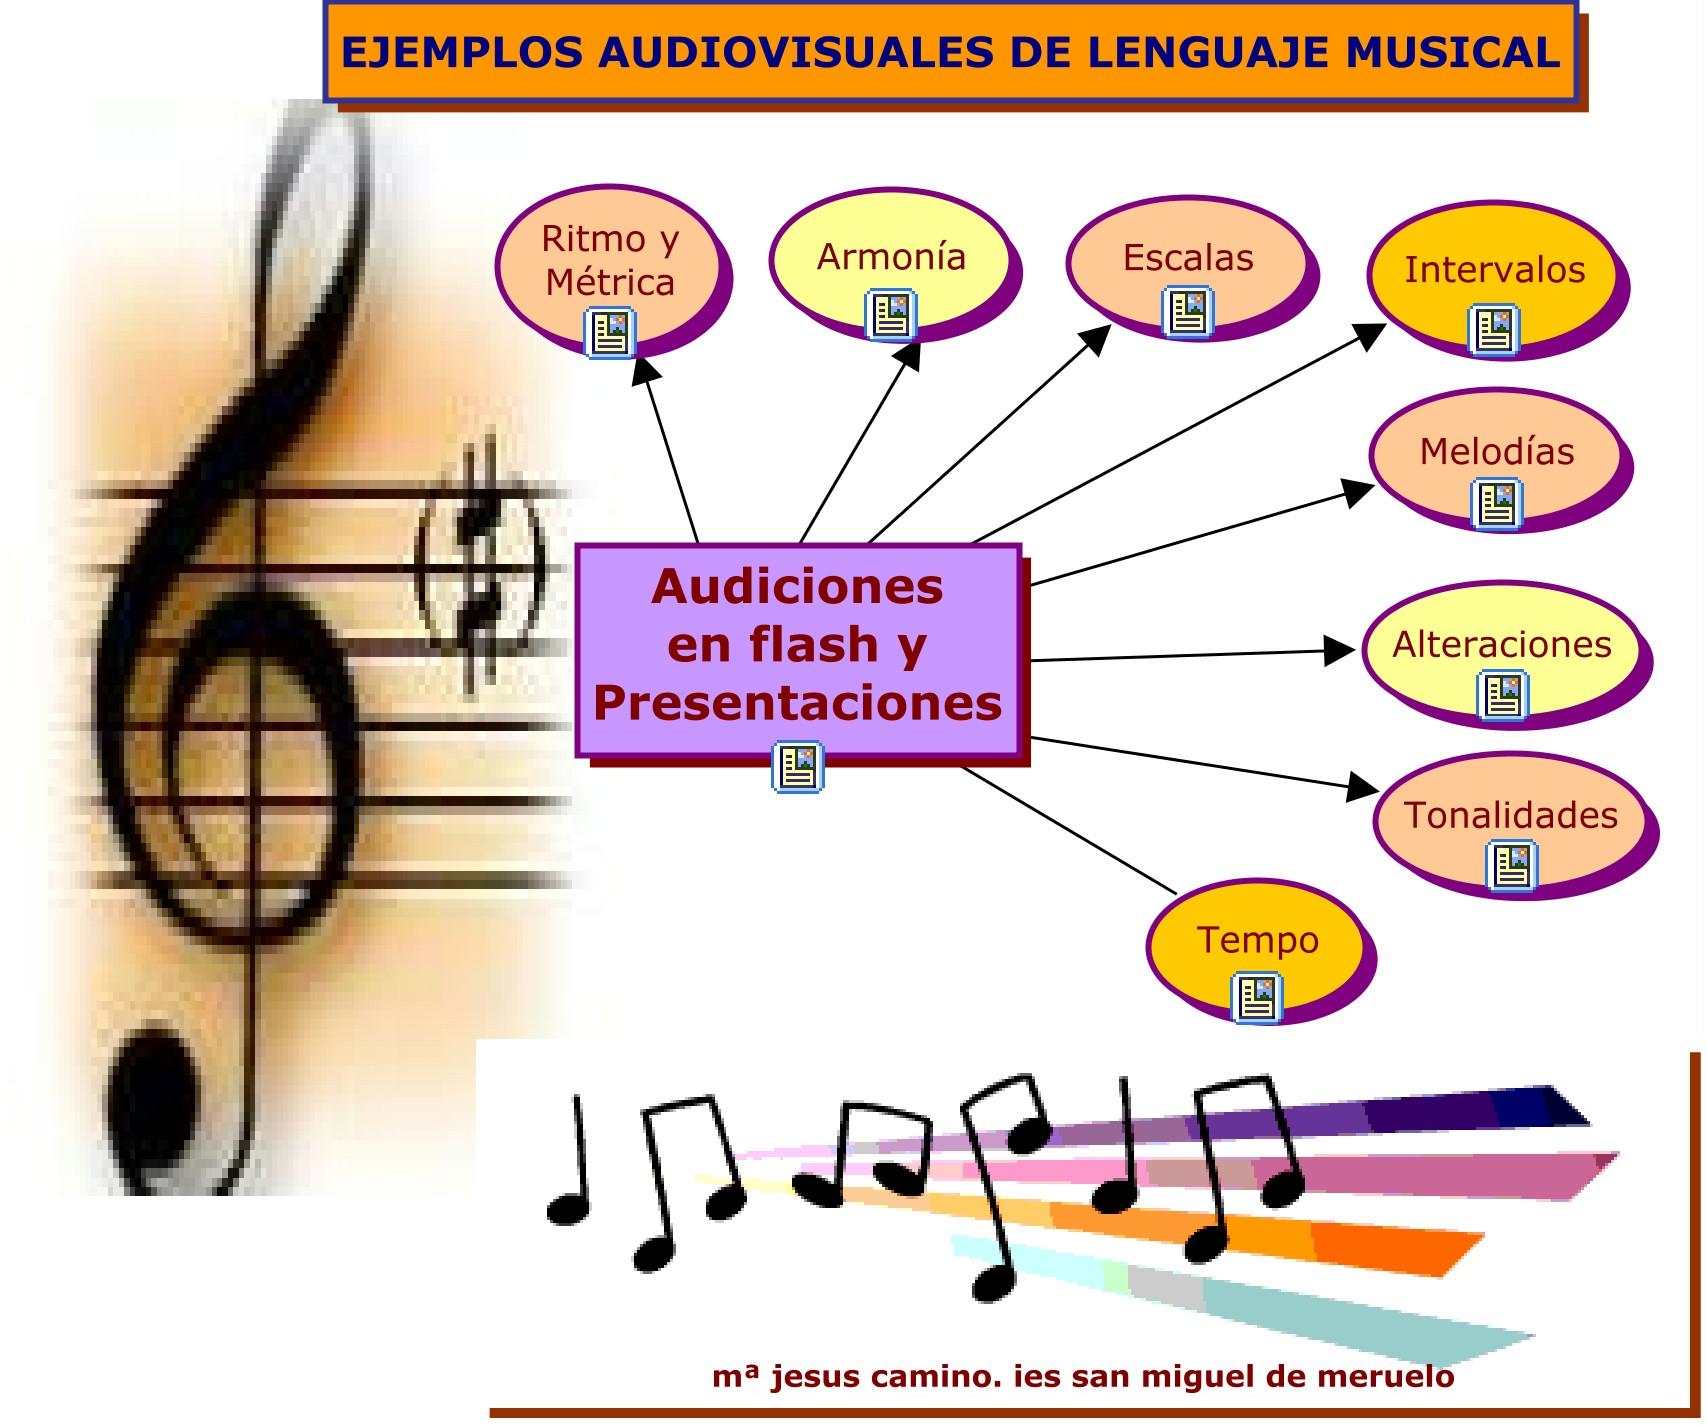 lenguaje musical en espana: